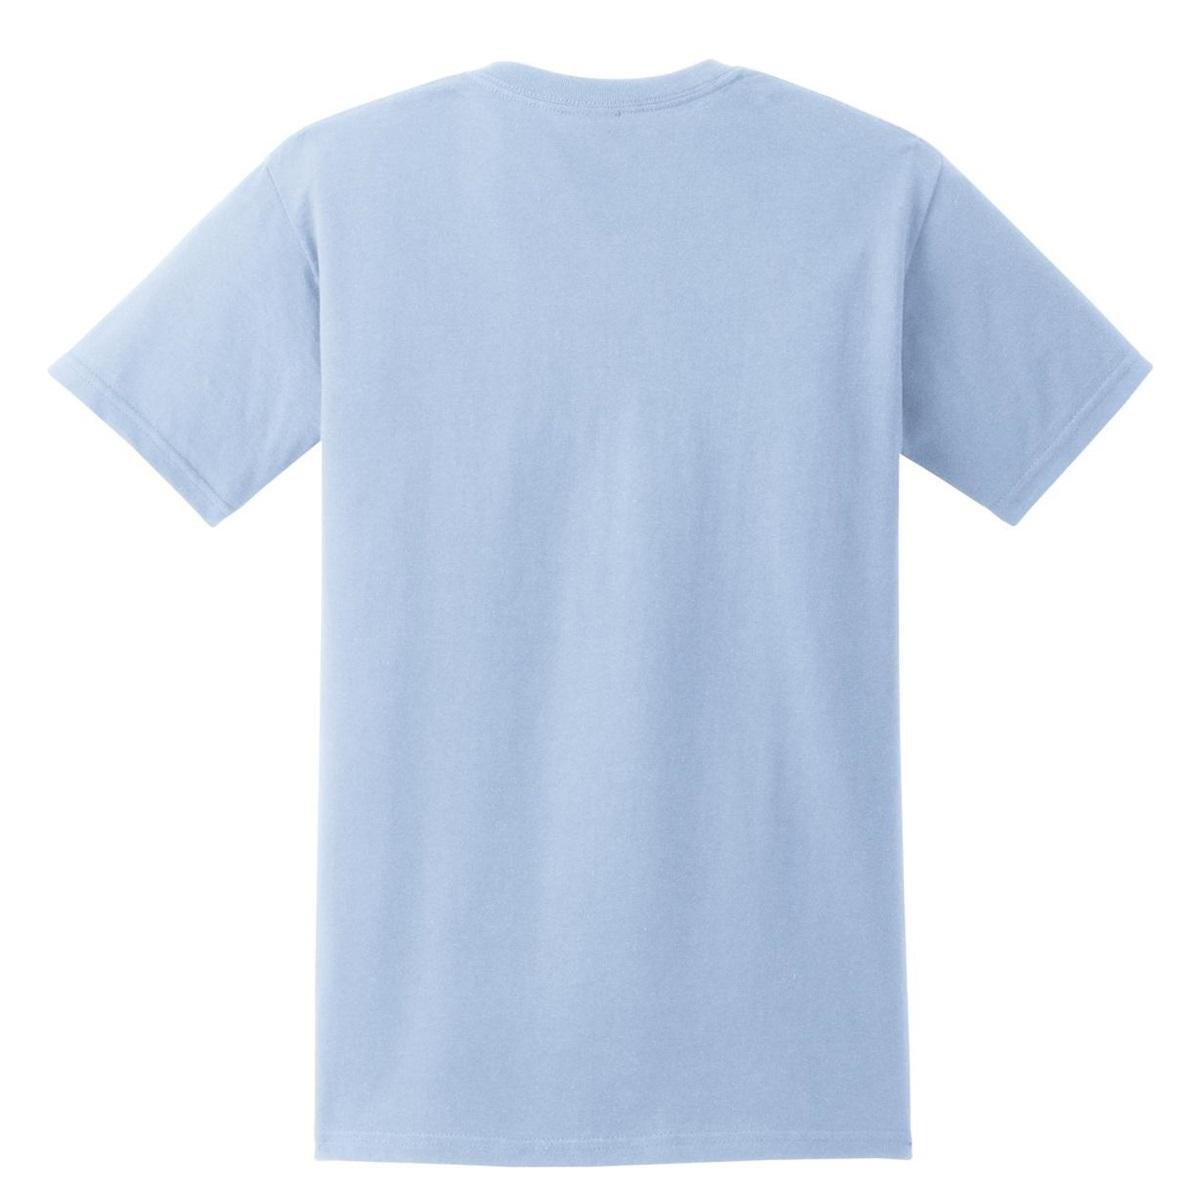 Gildan 2300 Ultra Cotton T-Shirt with Pocket - Light Blue ...